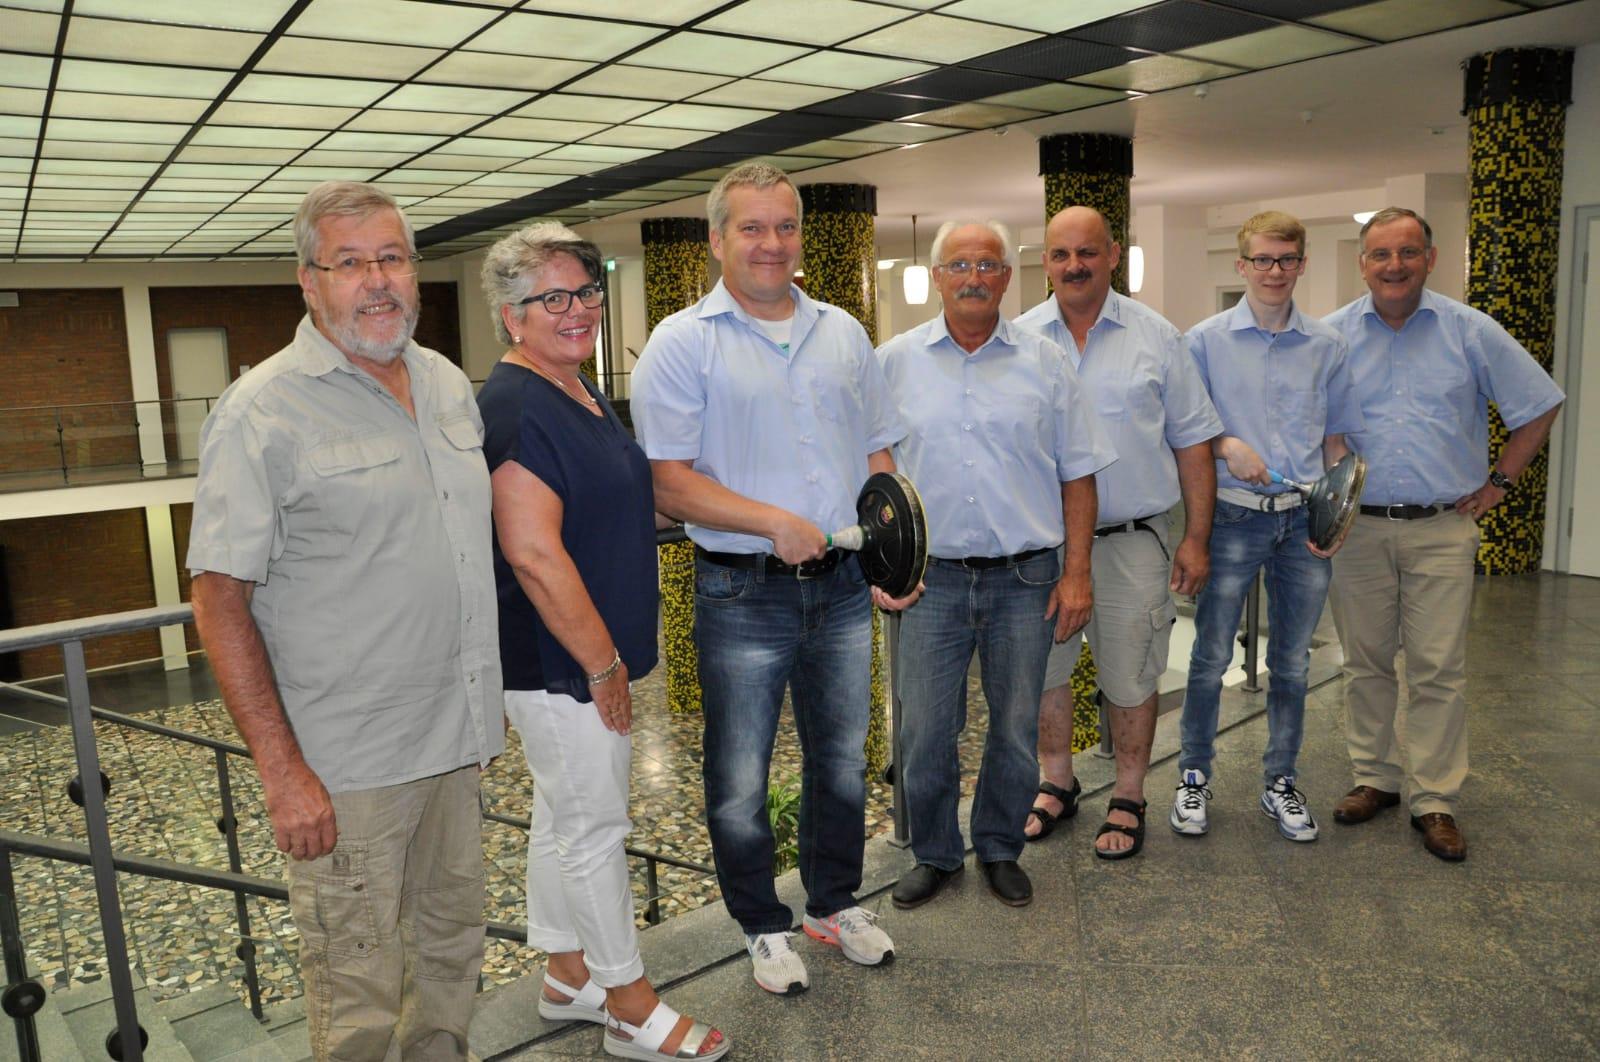 Ehrung durch den Bürgermeister anläßlich der NRW Meisterschaft